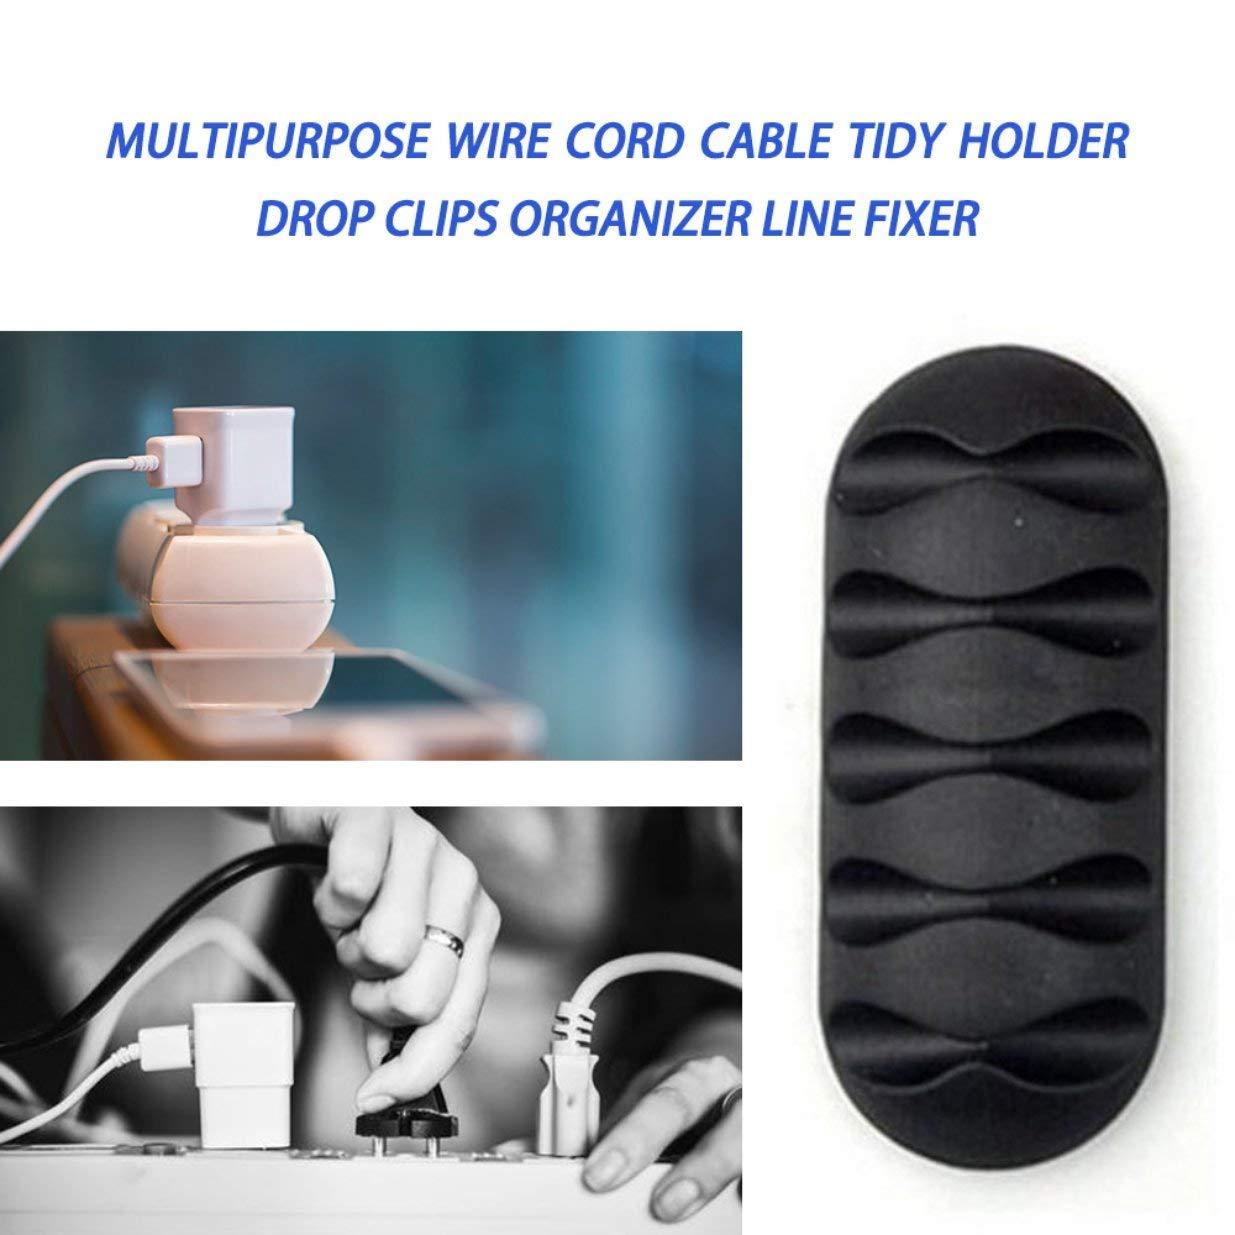 Cavo multifunzione Cavo a filo Tidy Holder Drop Clip Organizer Line Fixer Winder Cable Wire Organizer Clip Tidy Cord Holder Nero